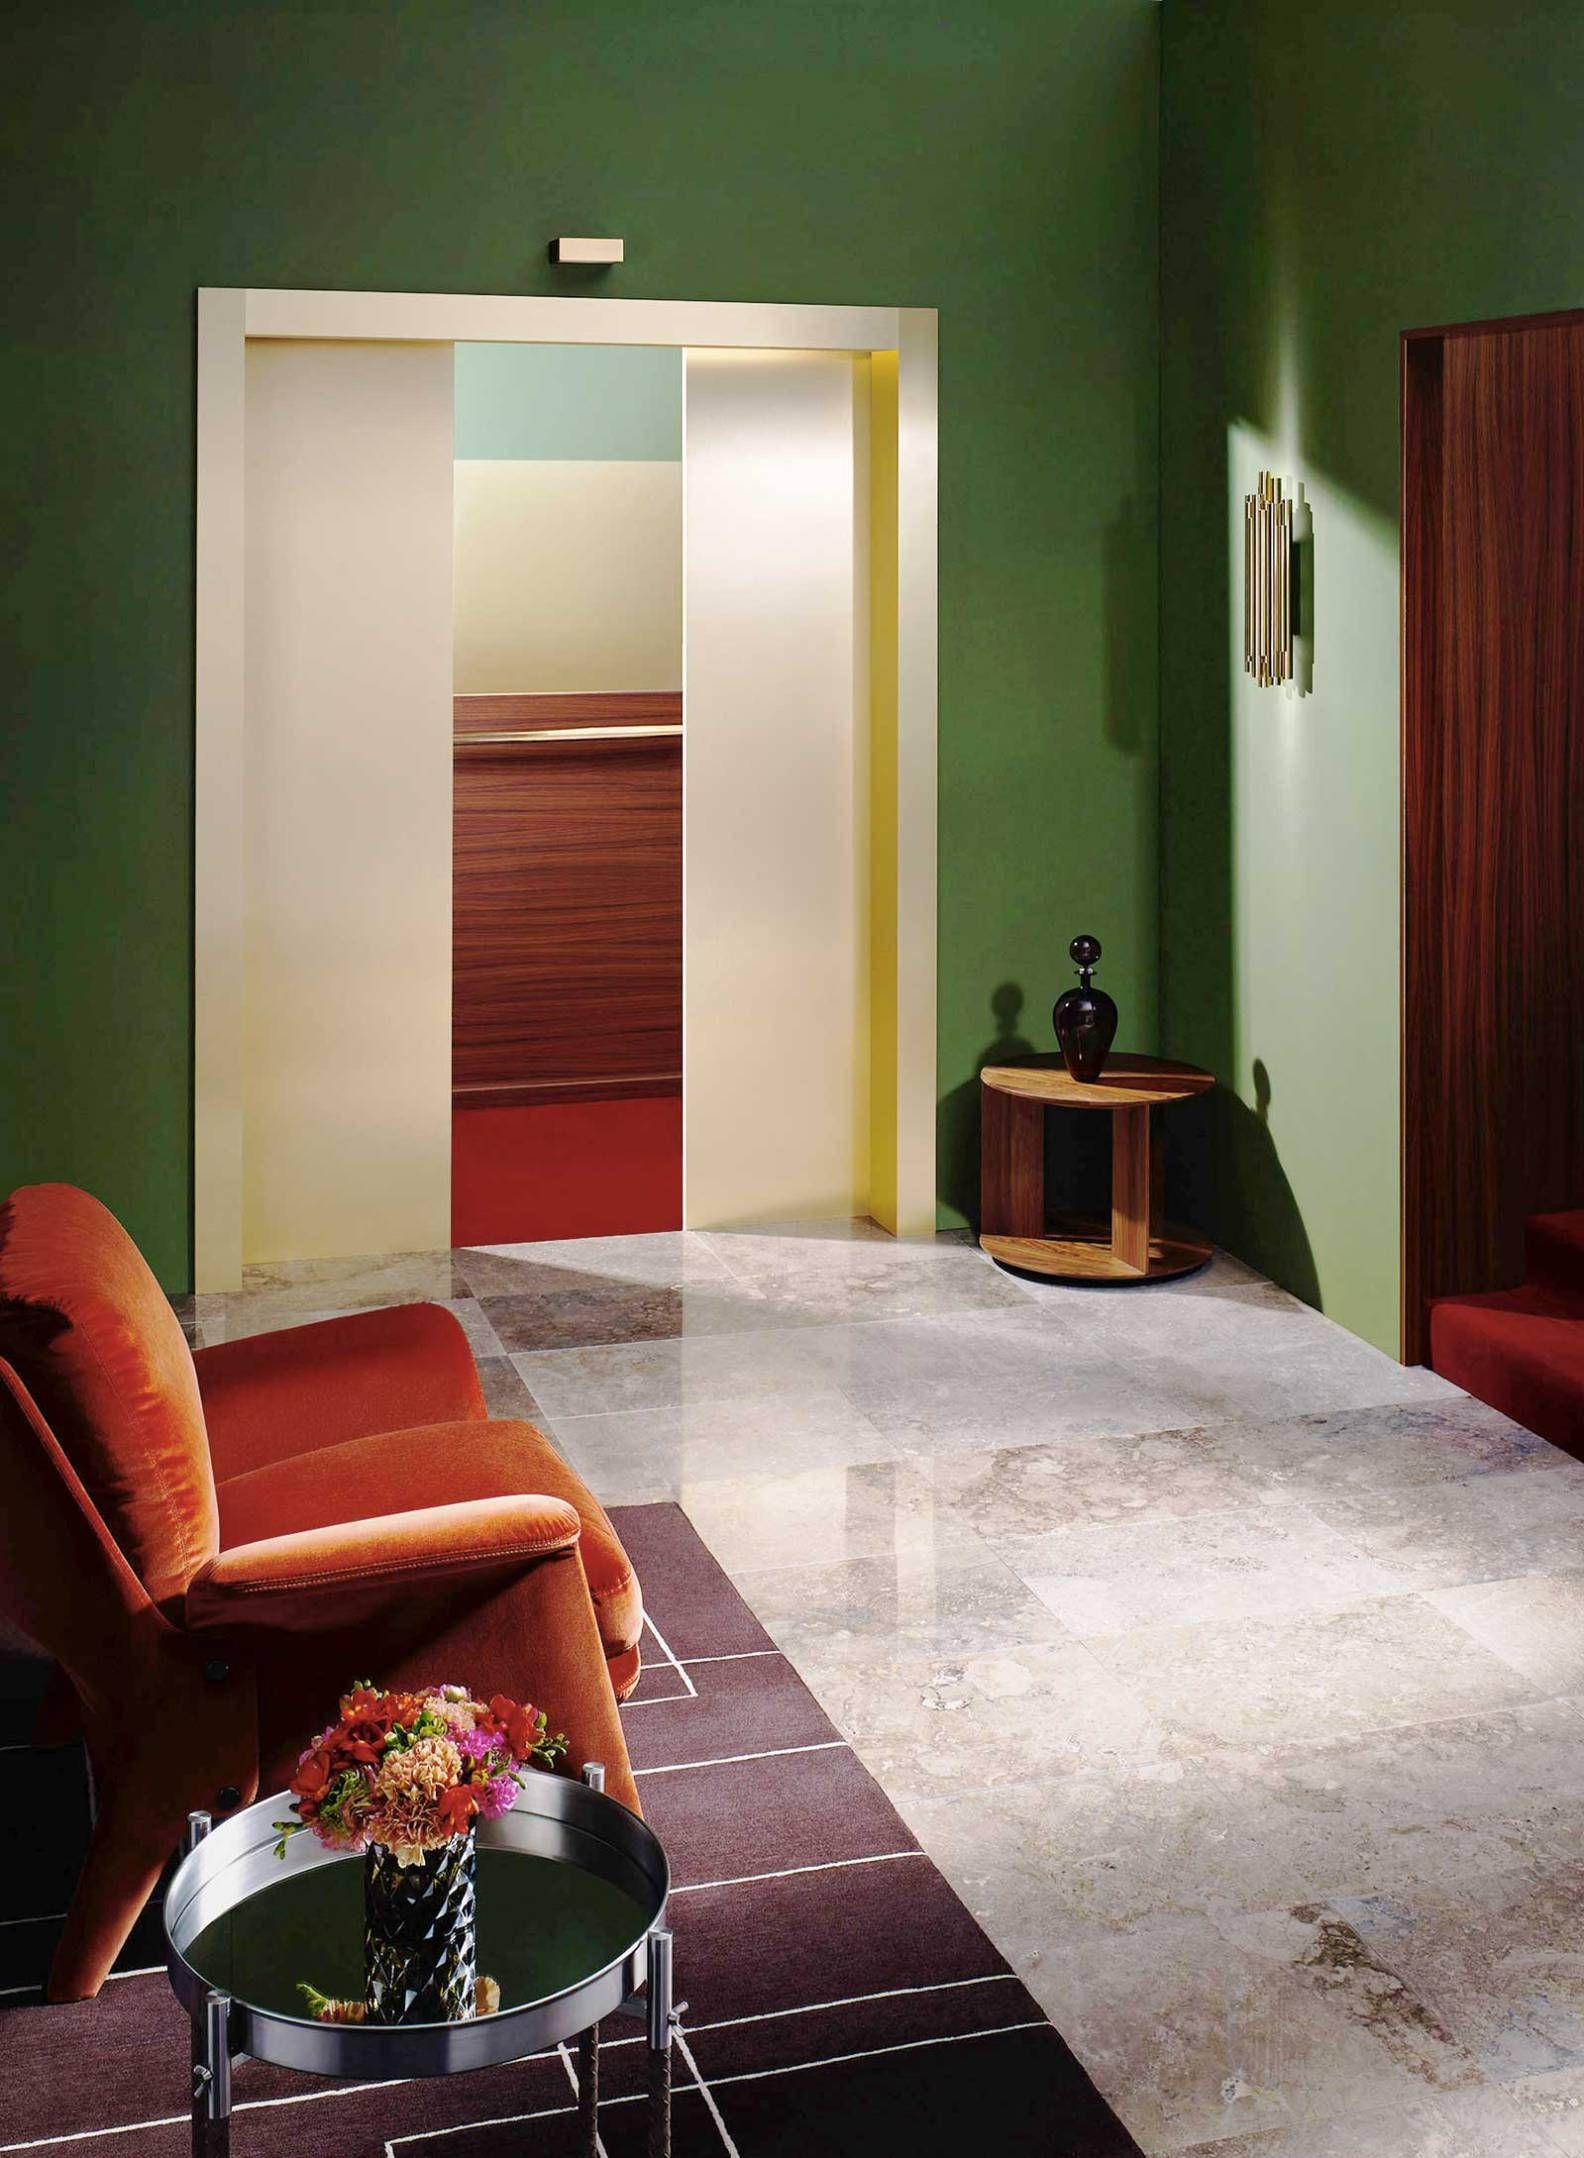 Motel Room Interiors: 70s Motel Interior Editorial For Wallpaper*